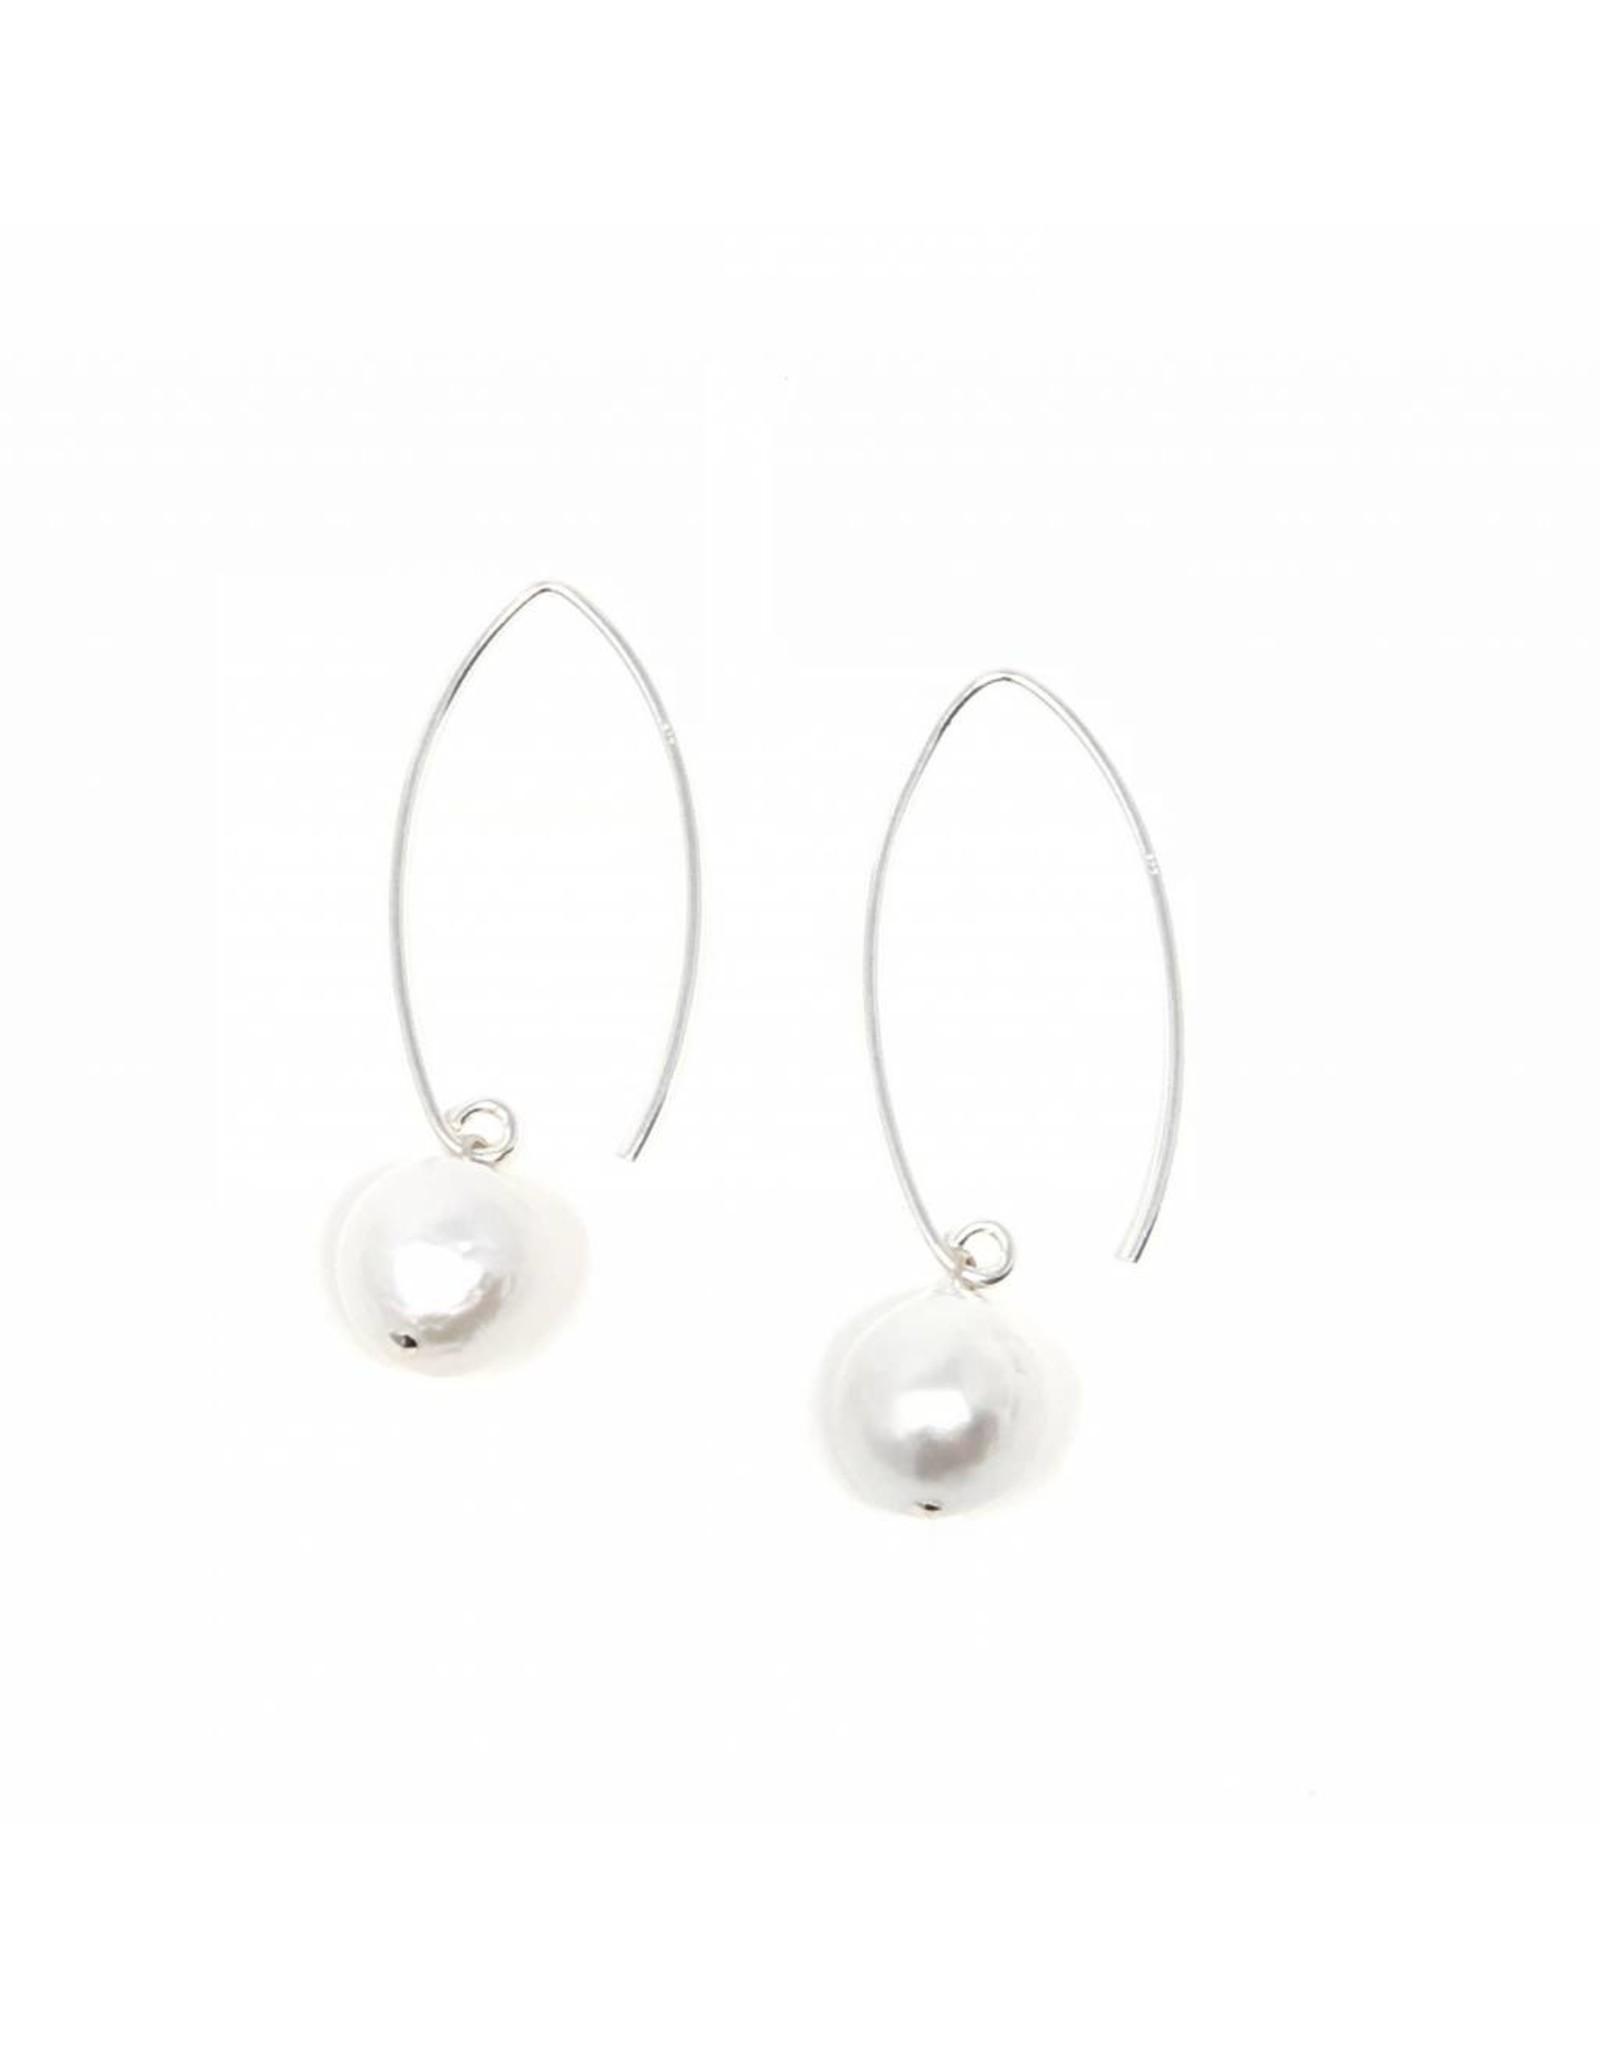 Baroque Pearl Large Hook Earrings